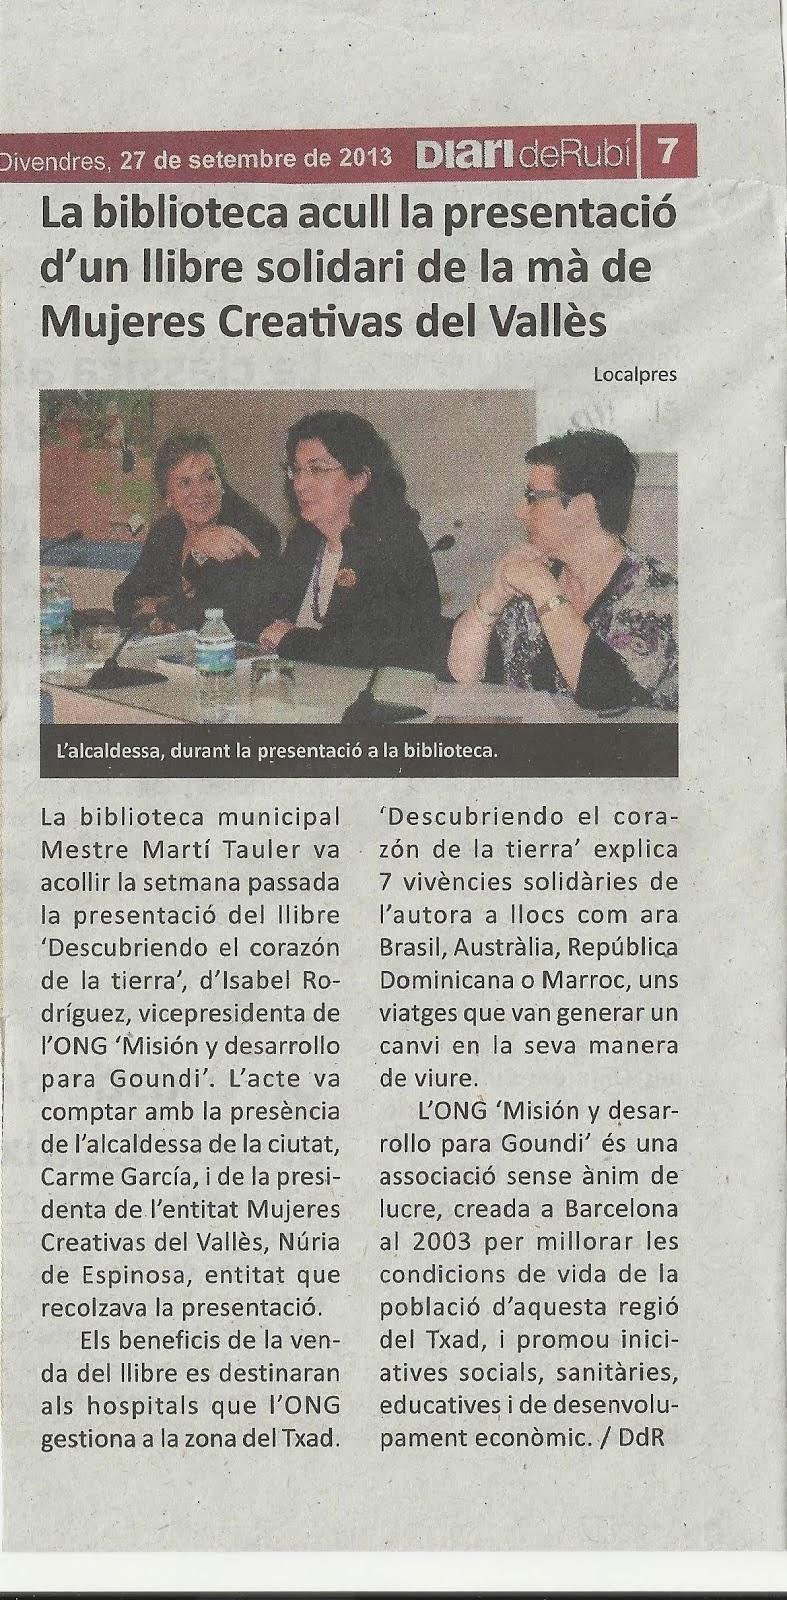 Diario de Rubí Noticias